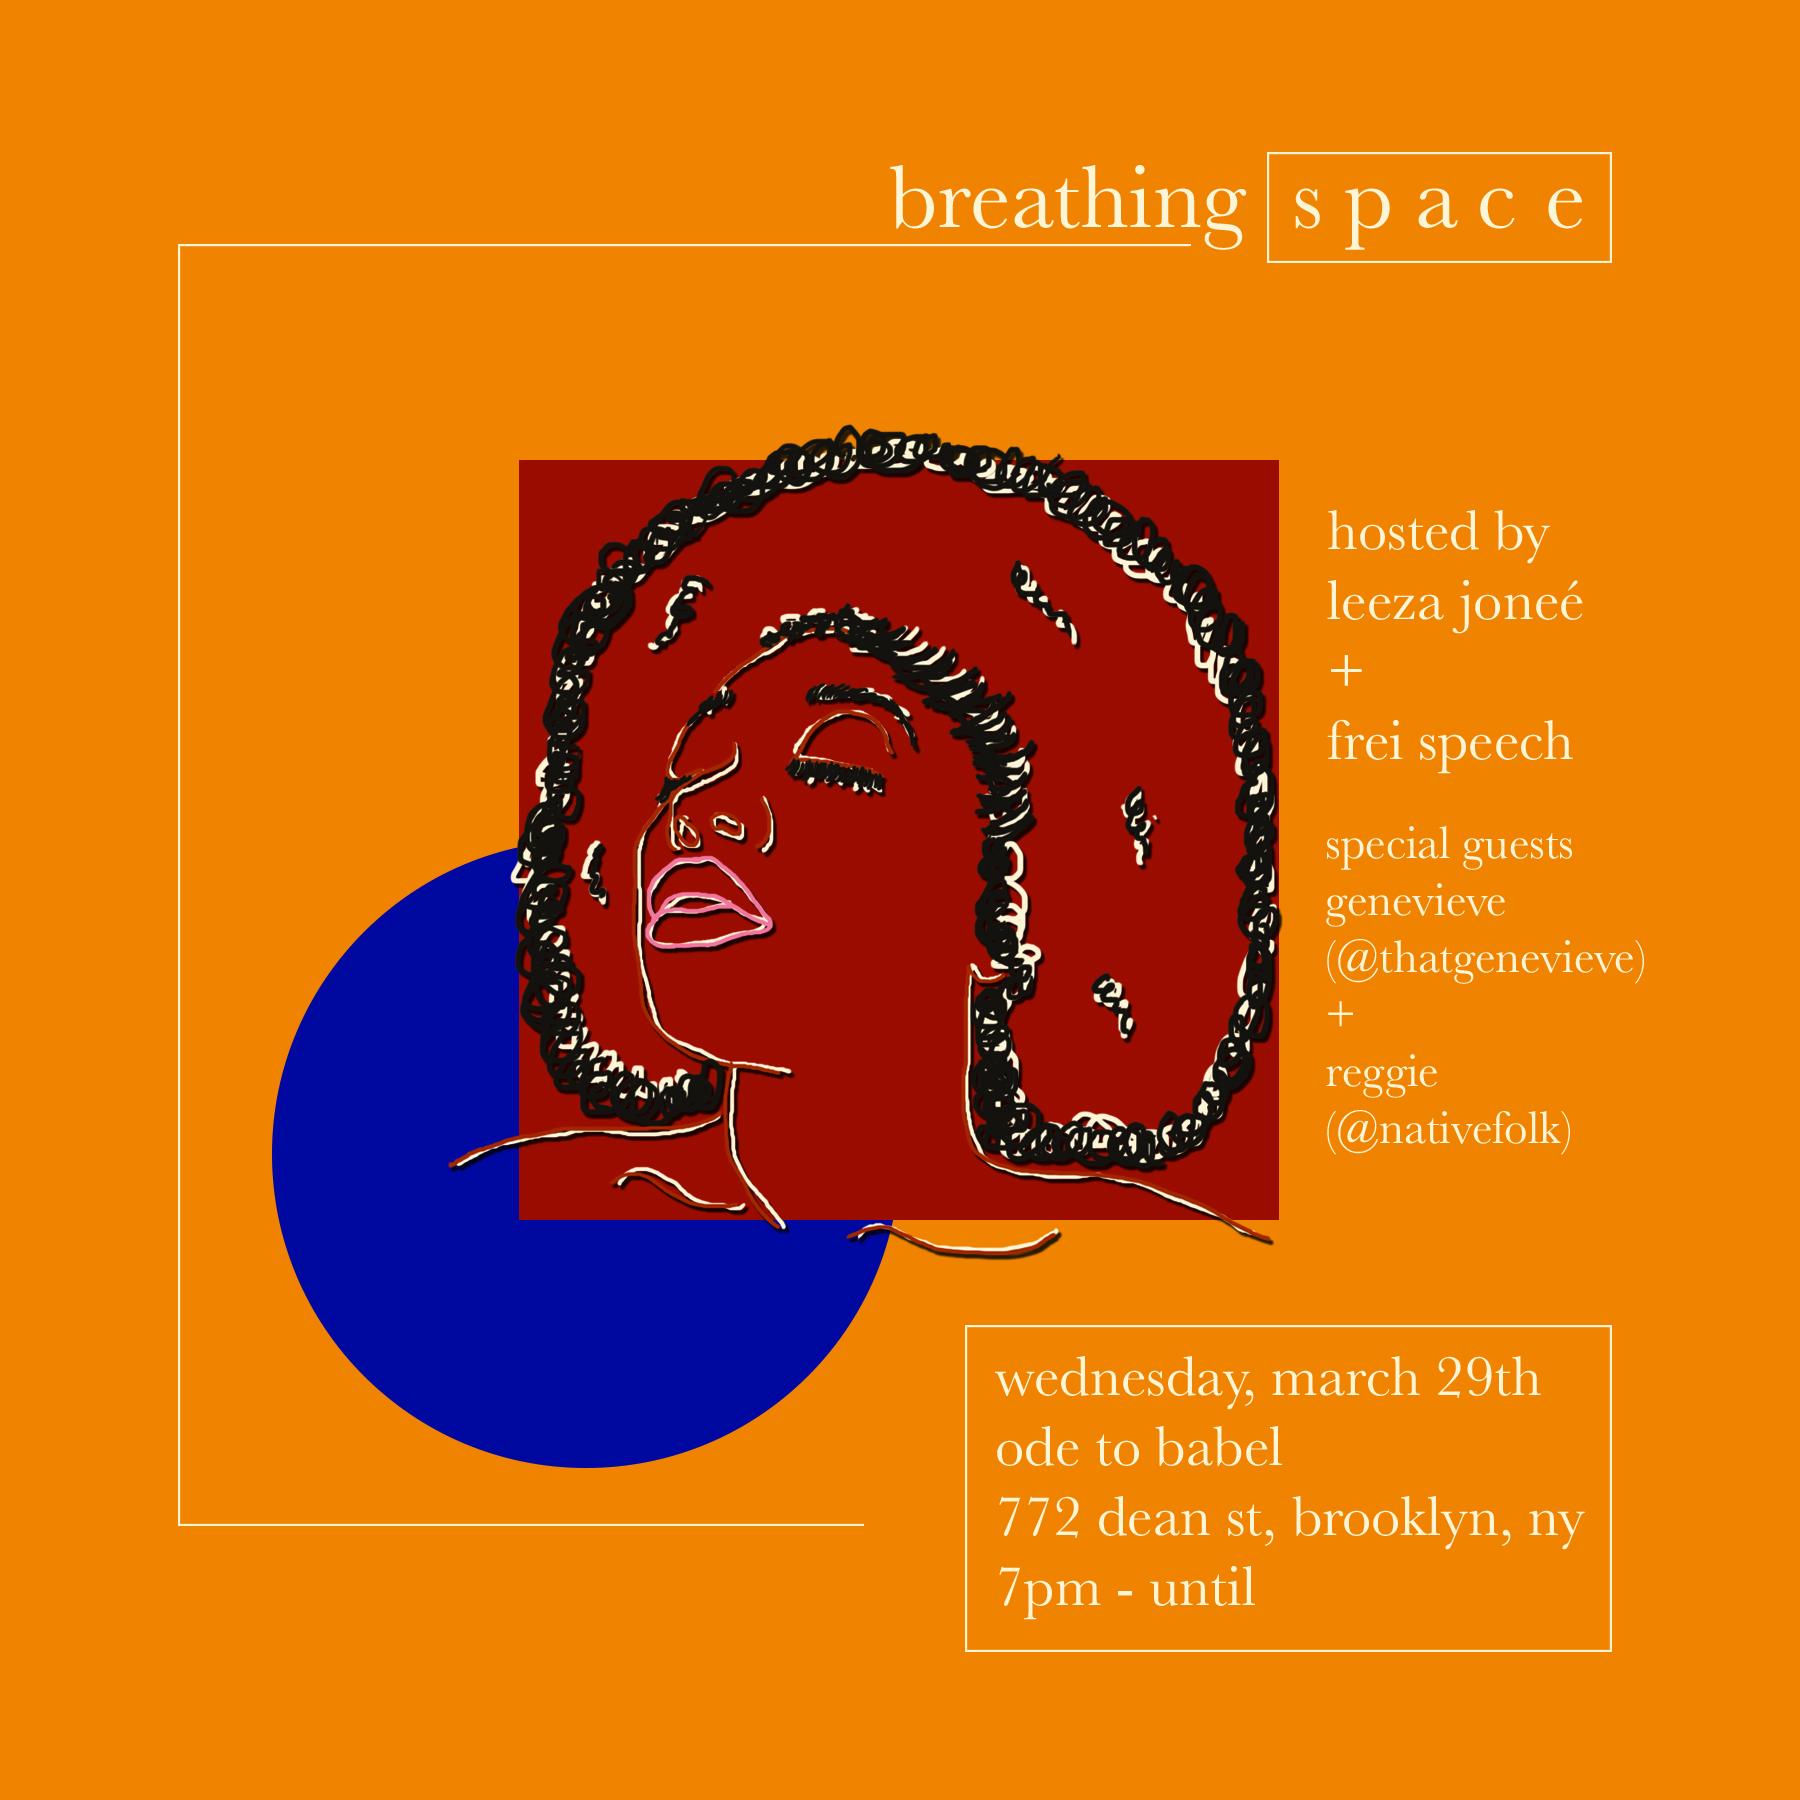 breathingspace-1.jpg